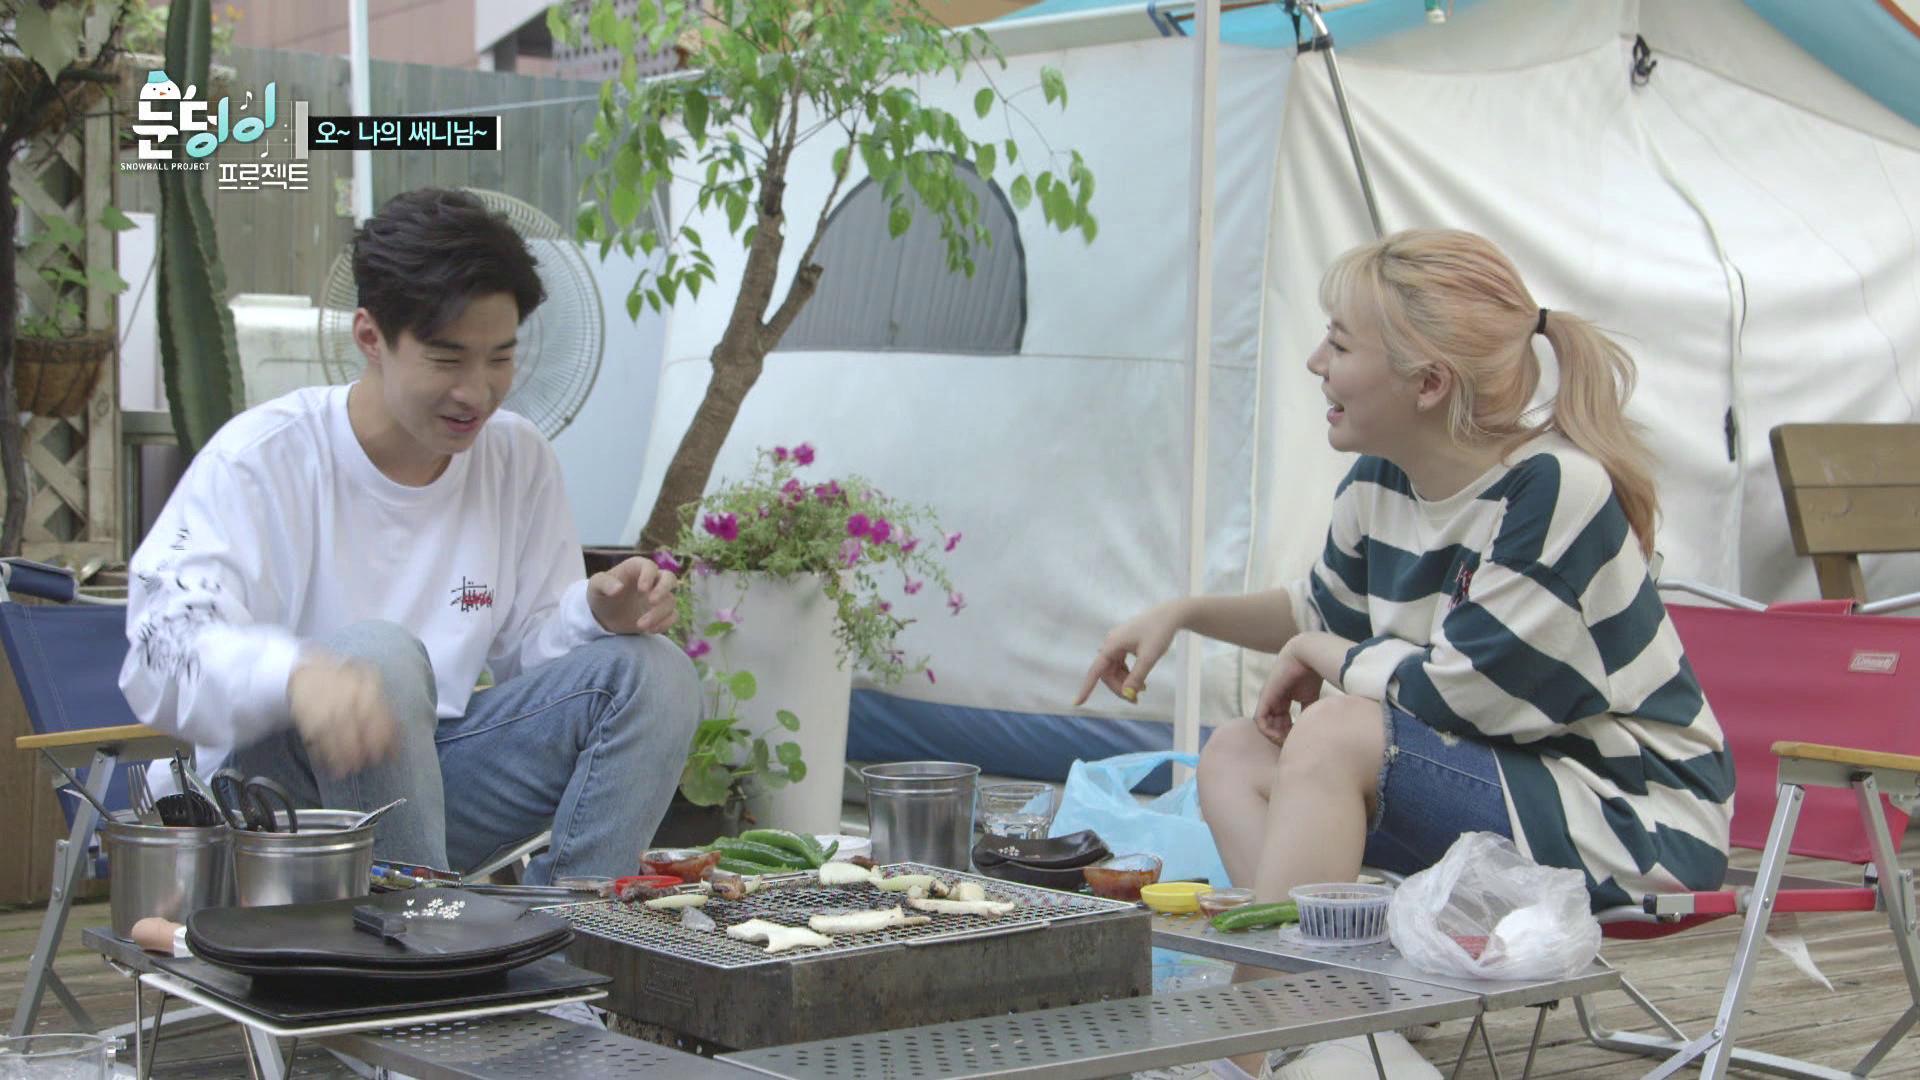 눈덩이 프로젝트 EP.65 - 맛있는 고기 쌈으로 극적 화해?!